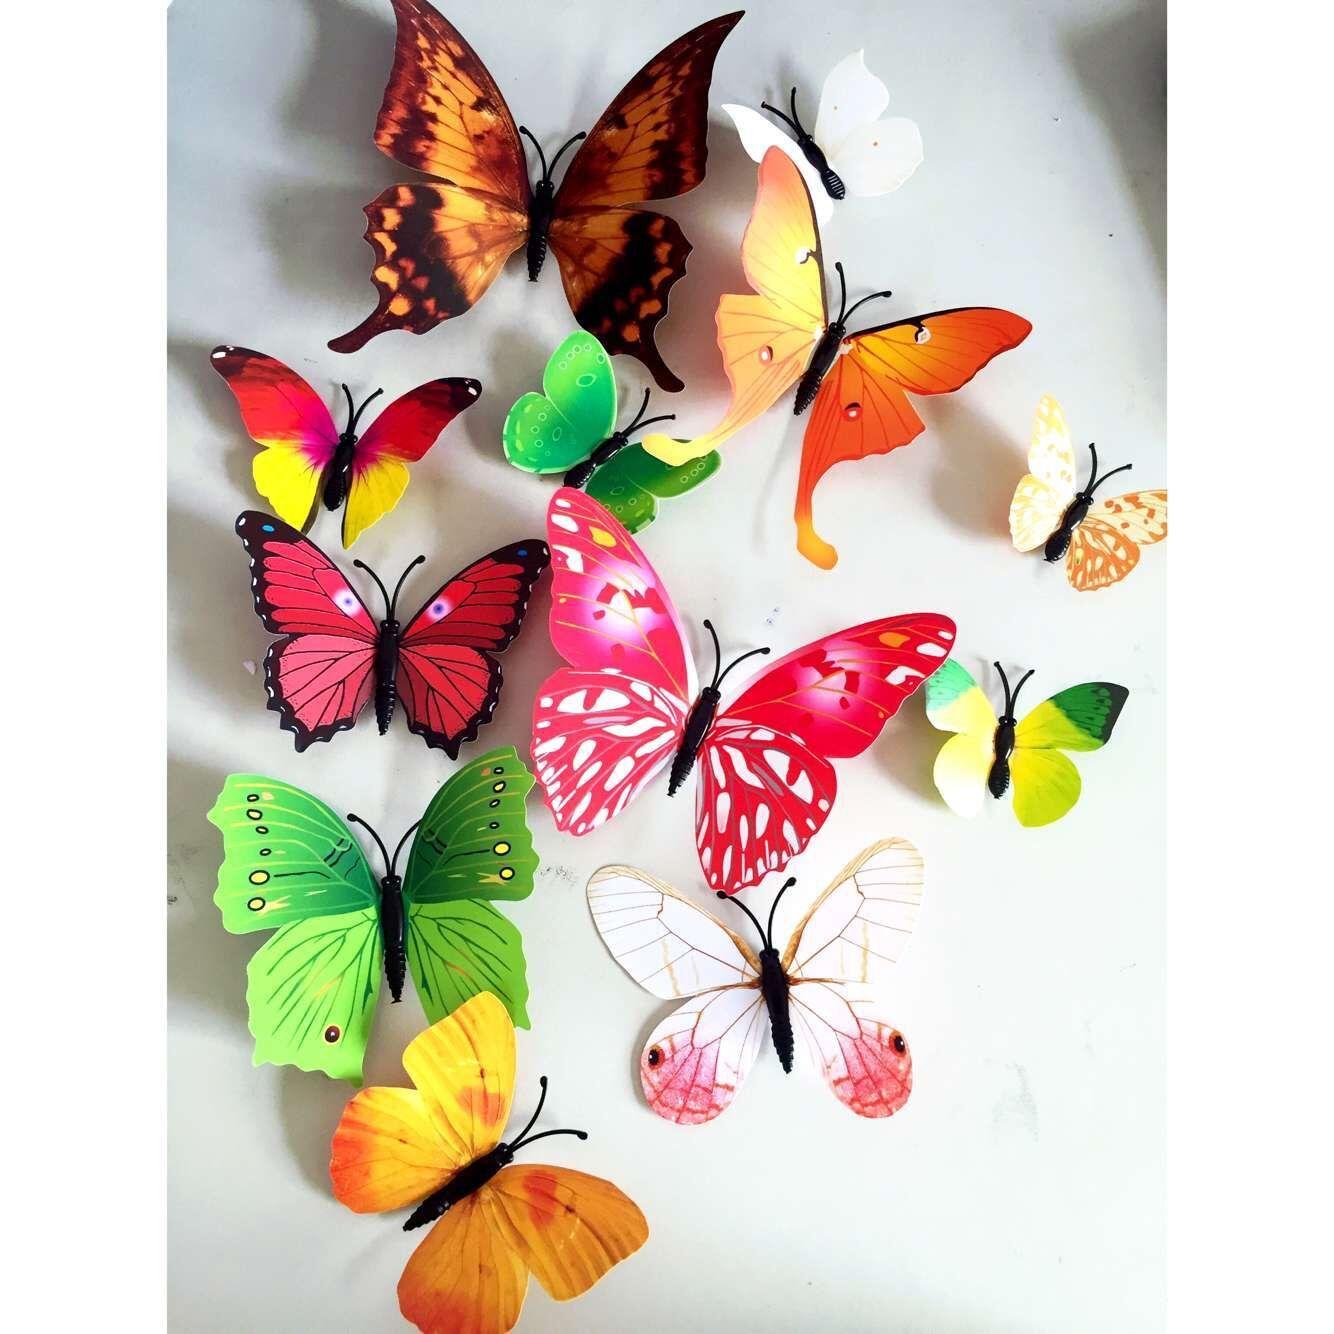 3d Butterfly Wall Decor Pvc 3d Butterfly Wall Decor Cute Butterflies Wall Stickers Art